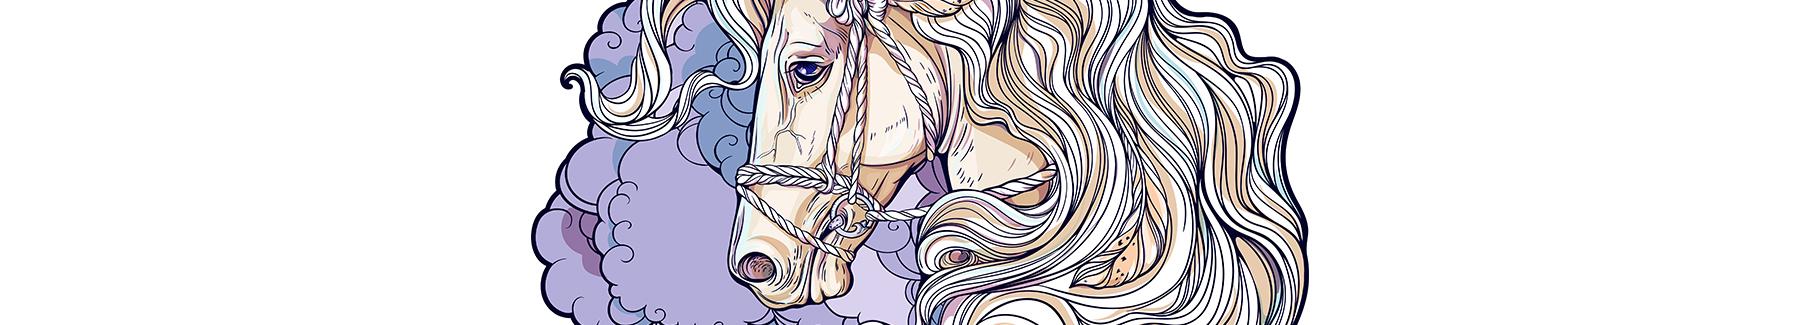 Naklejka rysunek konia